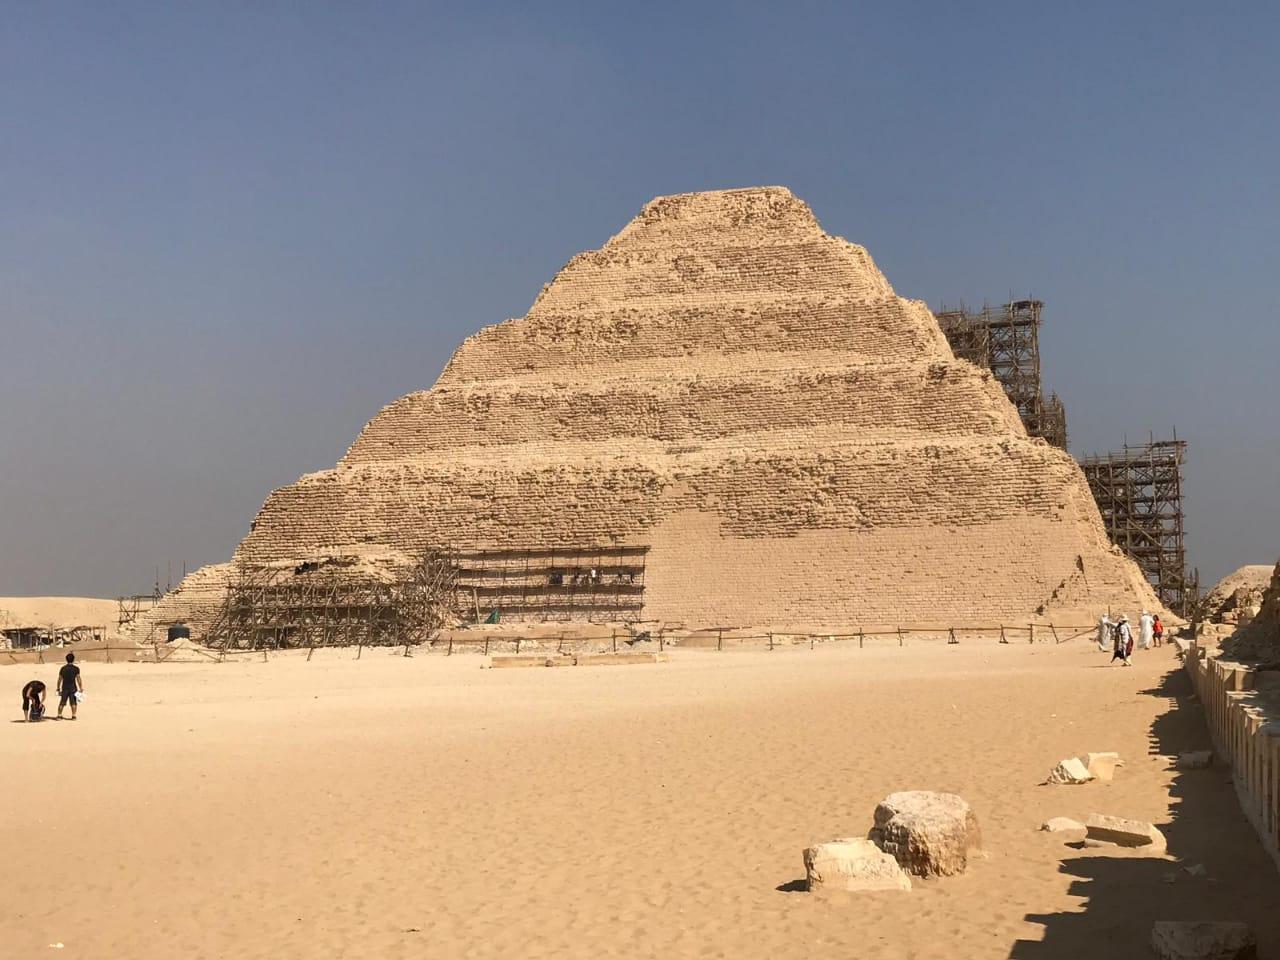 Pyramids of Sakkara, Deluxe Tours Egypt